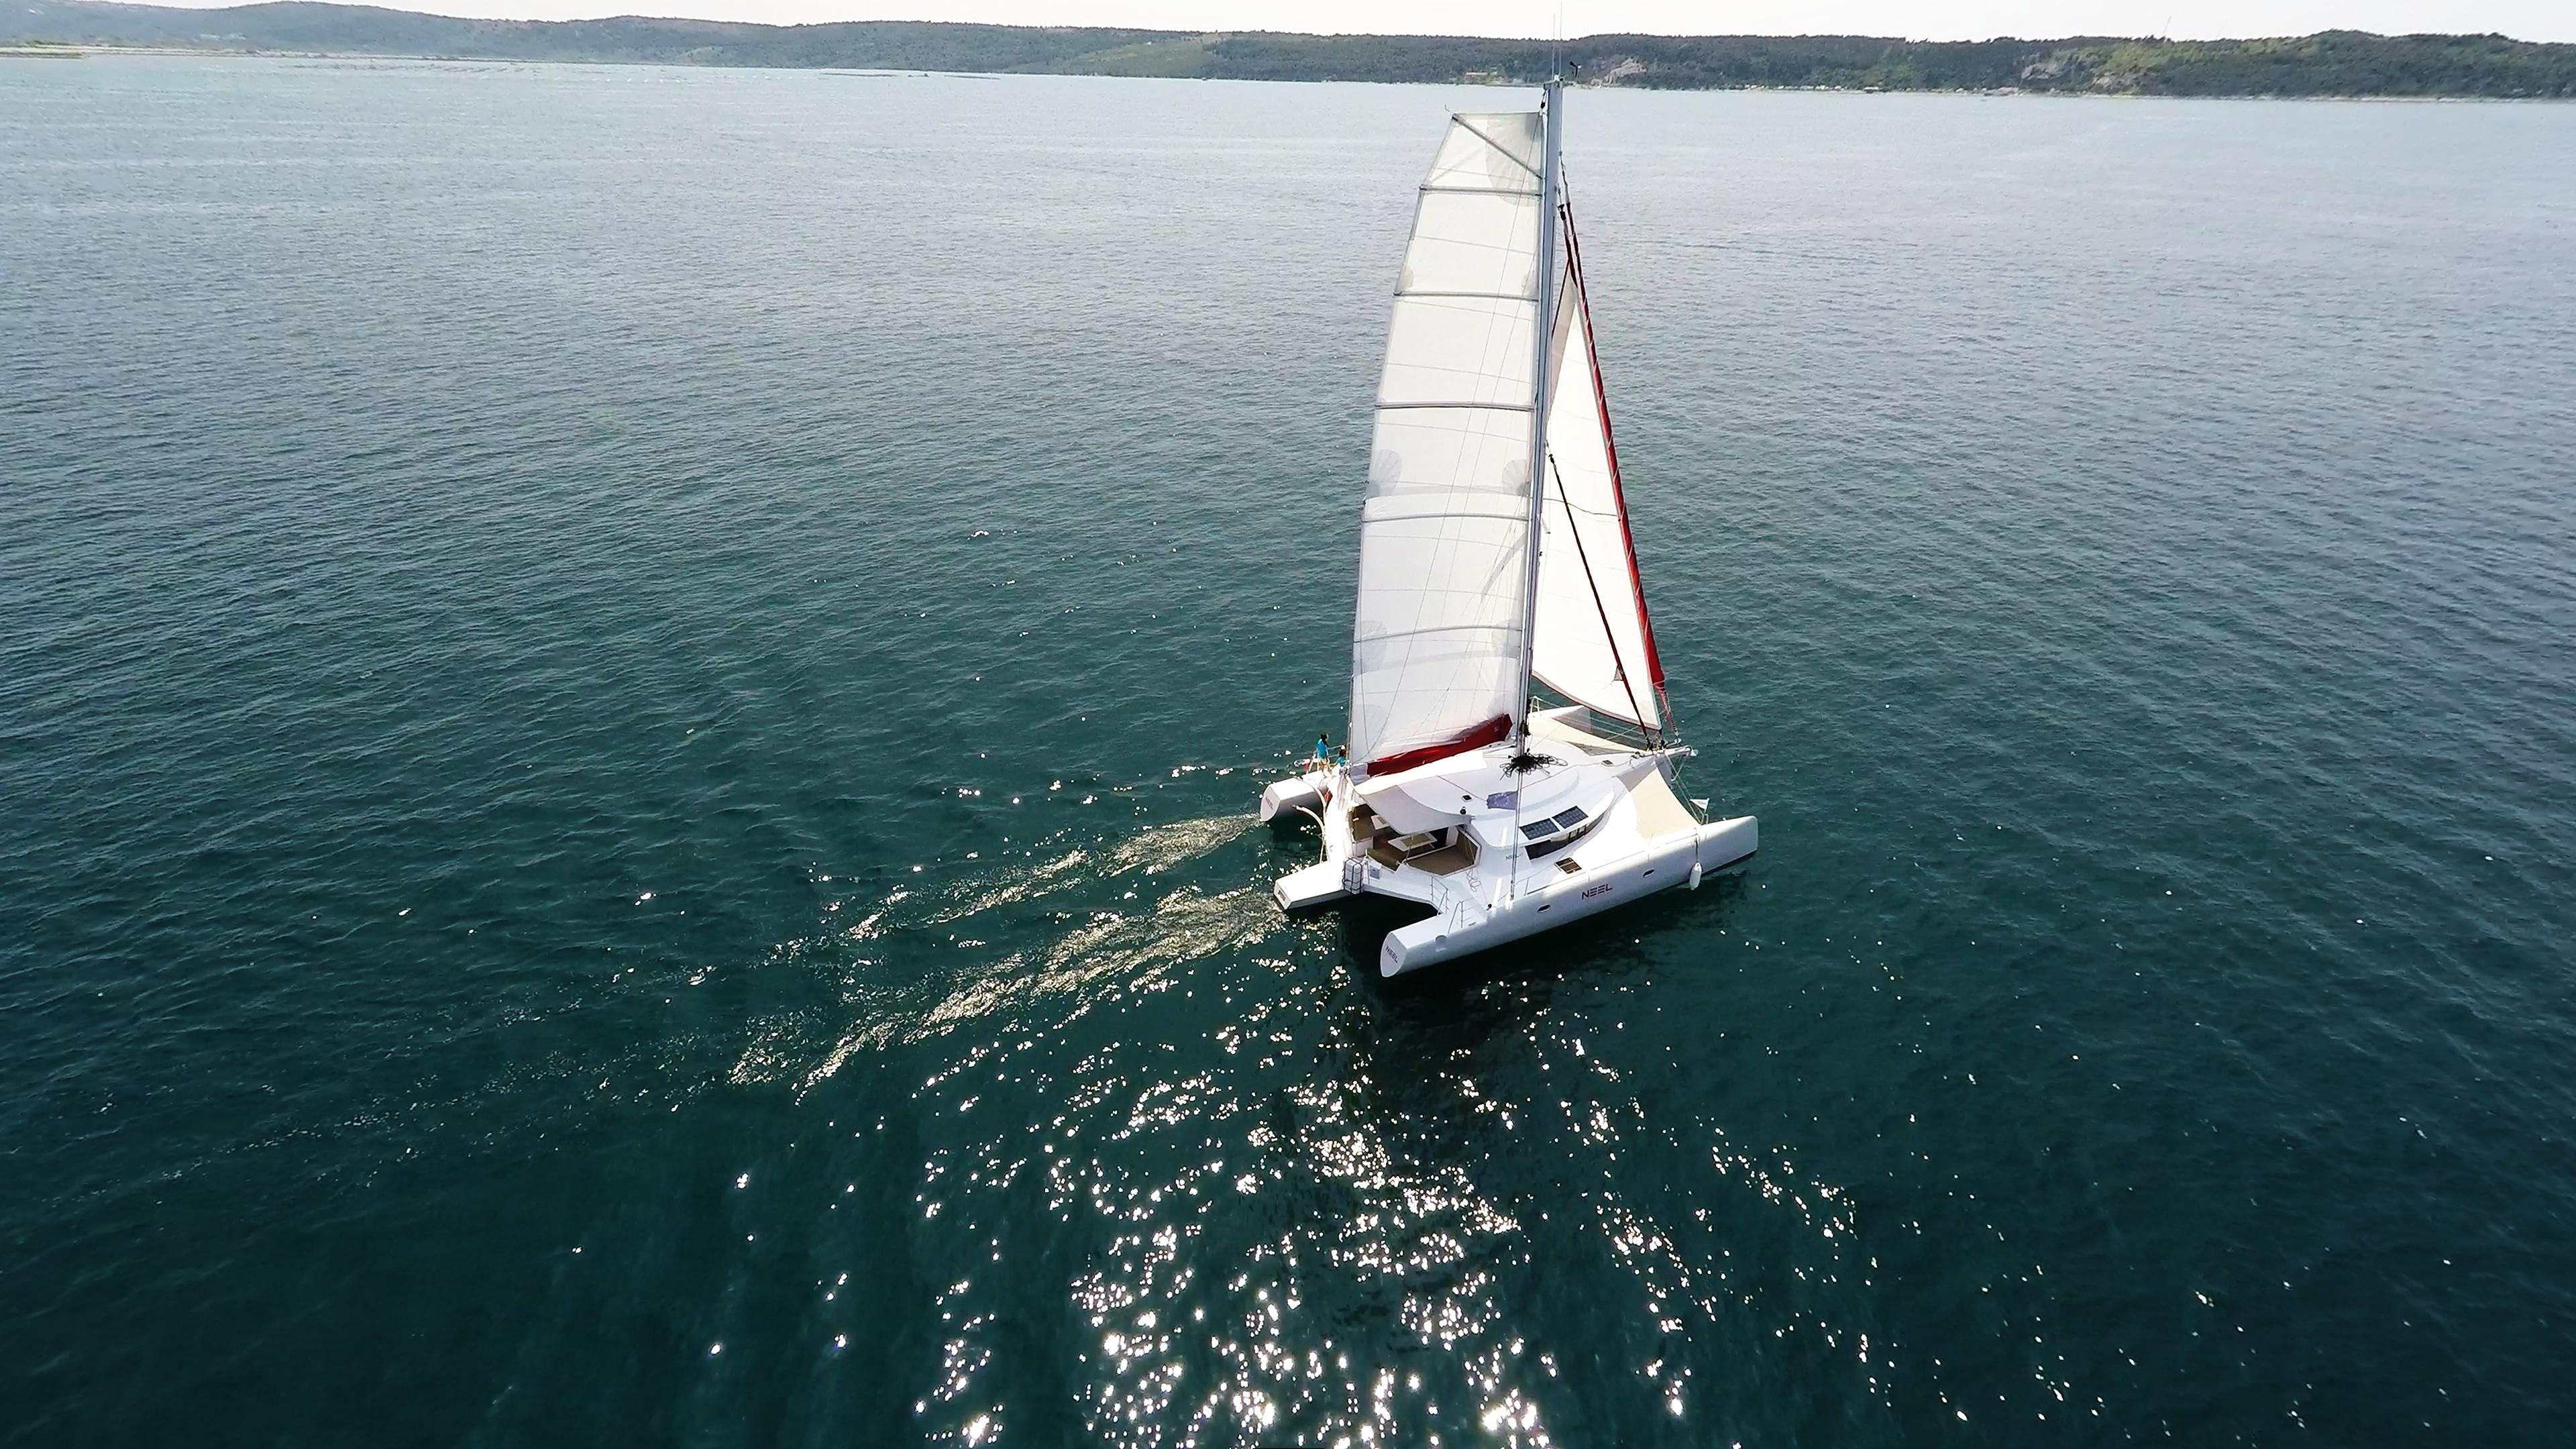 noleggio yacht trimarano al mare